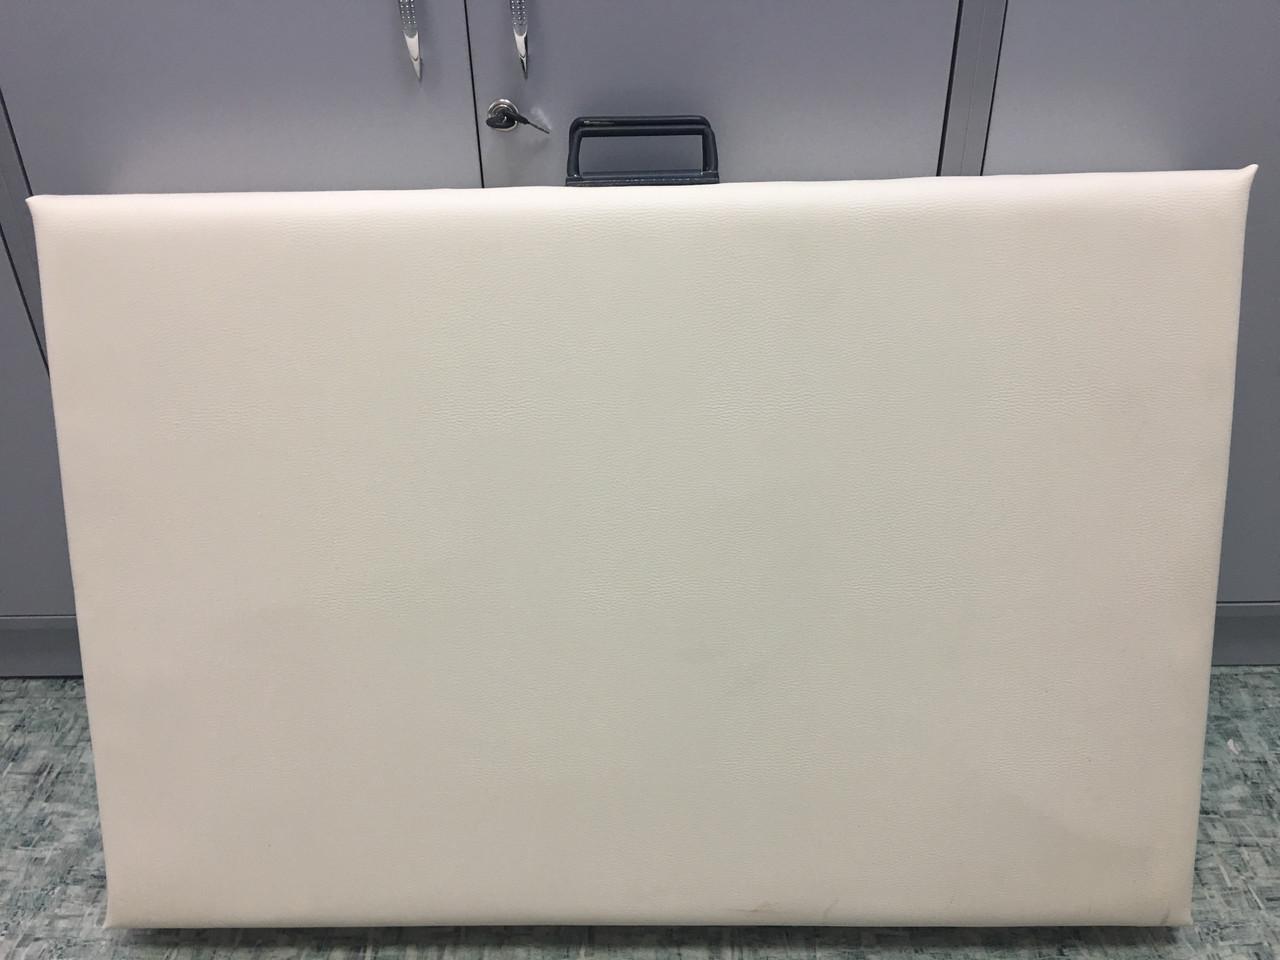 Косметологическая кушетка - массажный стол, слоновая кость